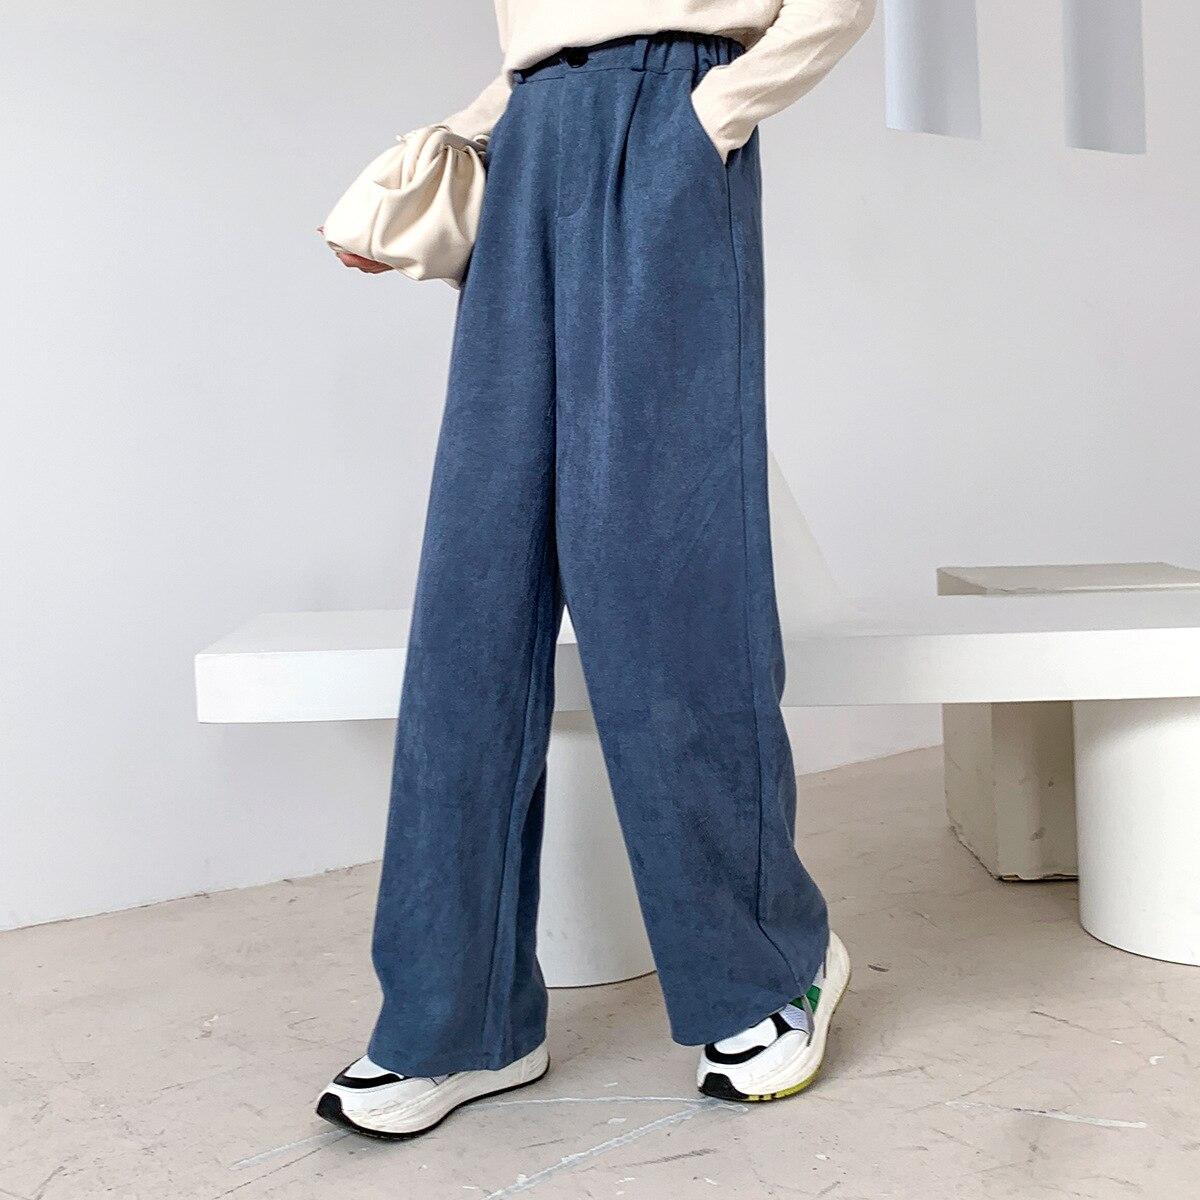 1381.5руб. 33% СКИДКА|Шерхуре 2019 женские осенние белые брюки чистого цвета женские широкие прямые брюки Модные женские повседневные женские брюки|  - AliExpress